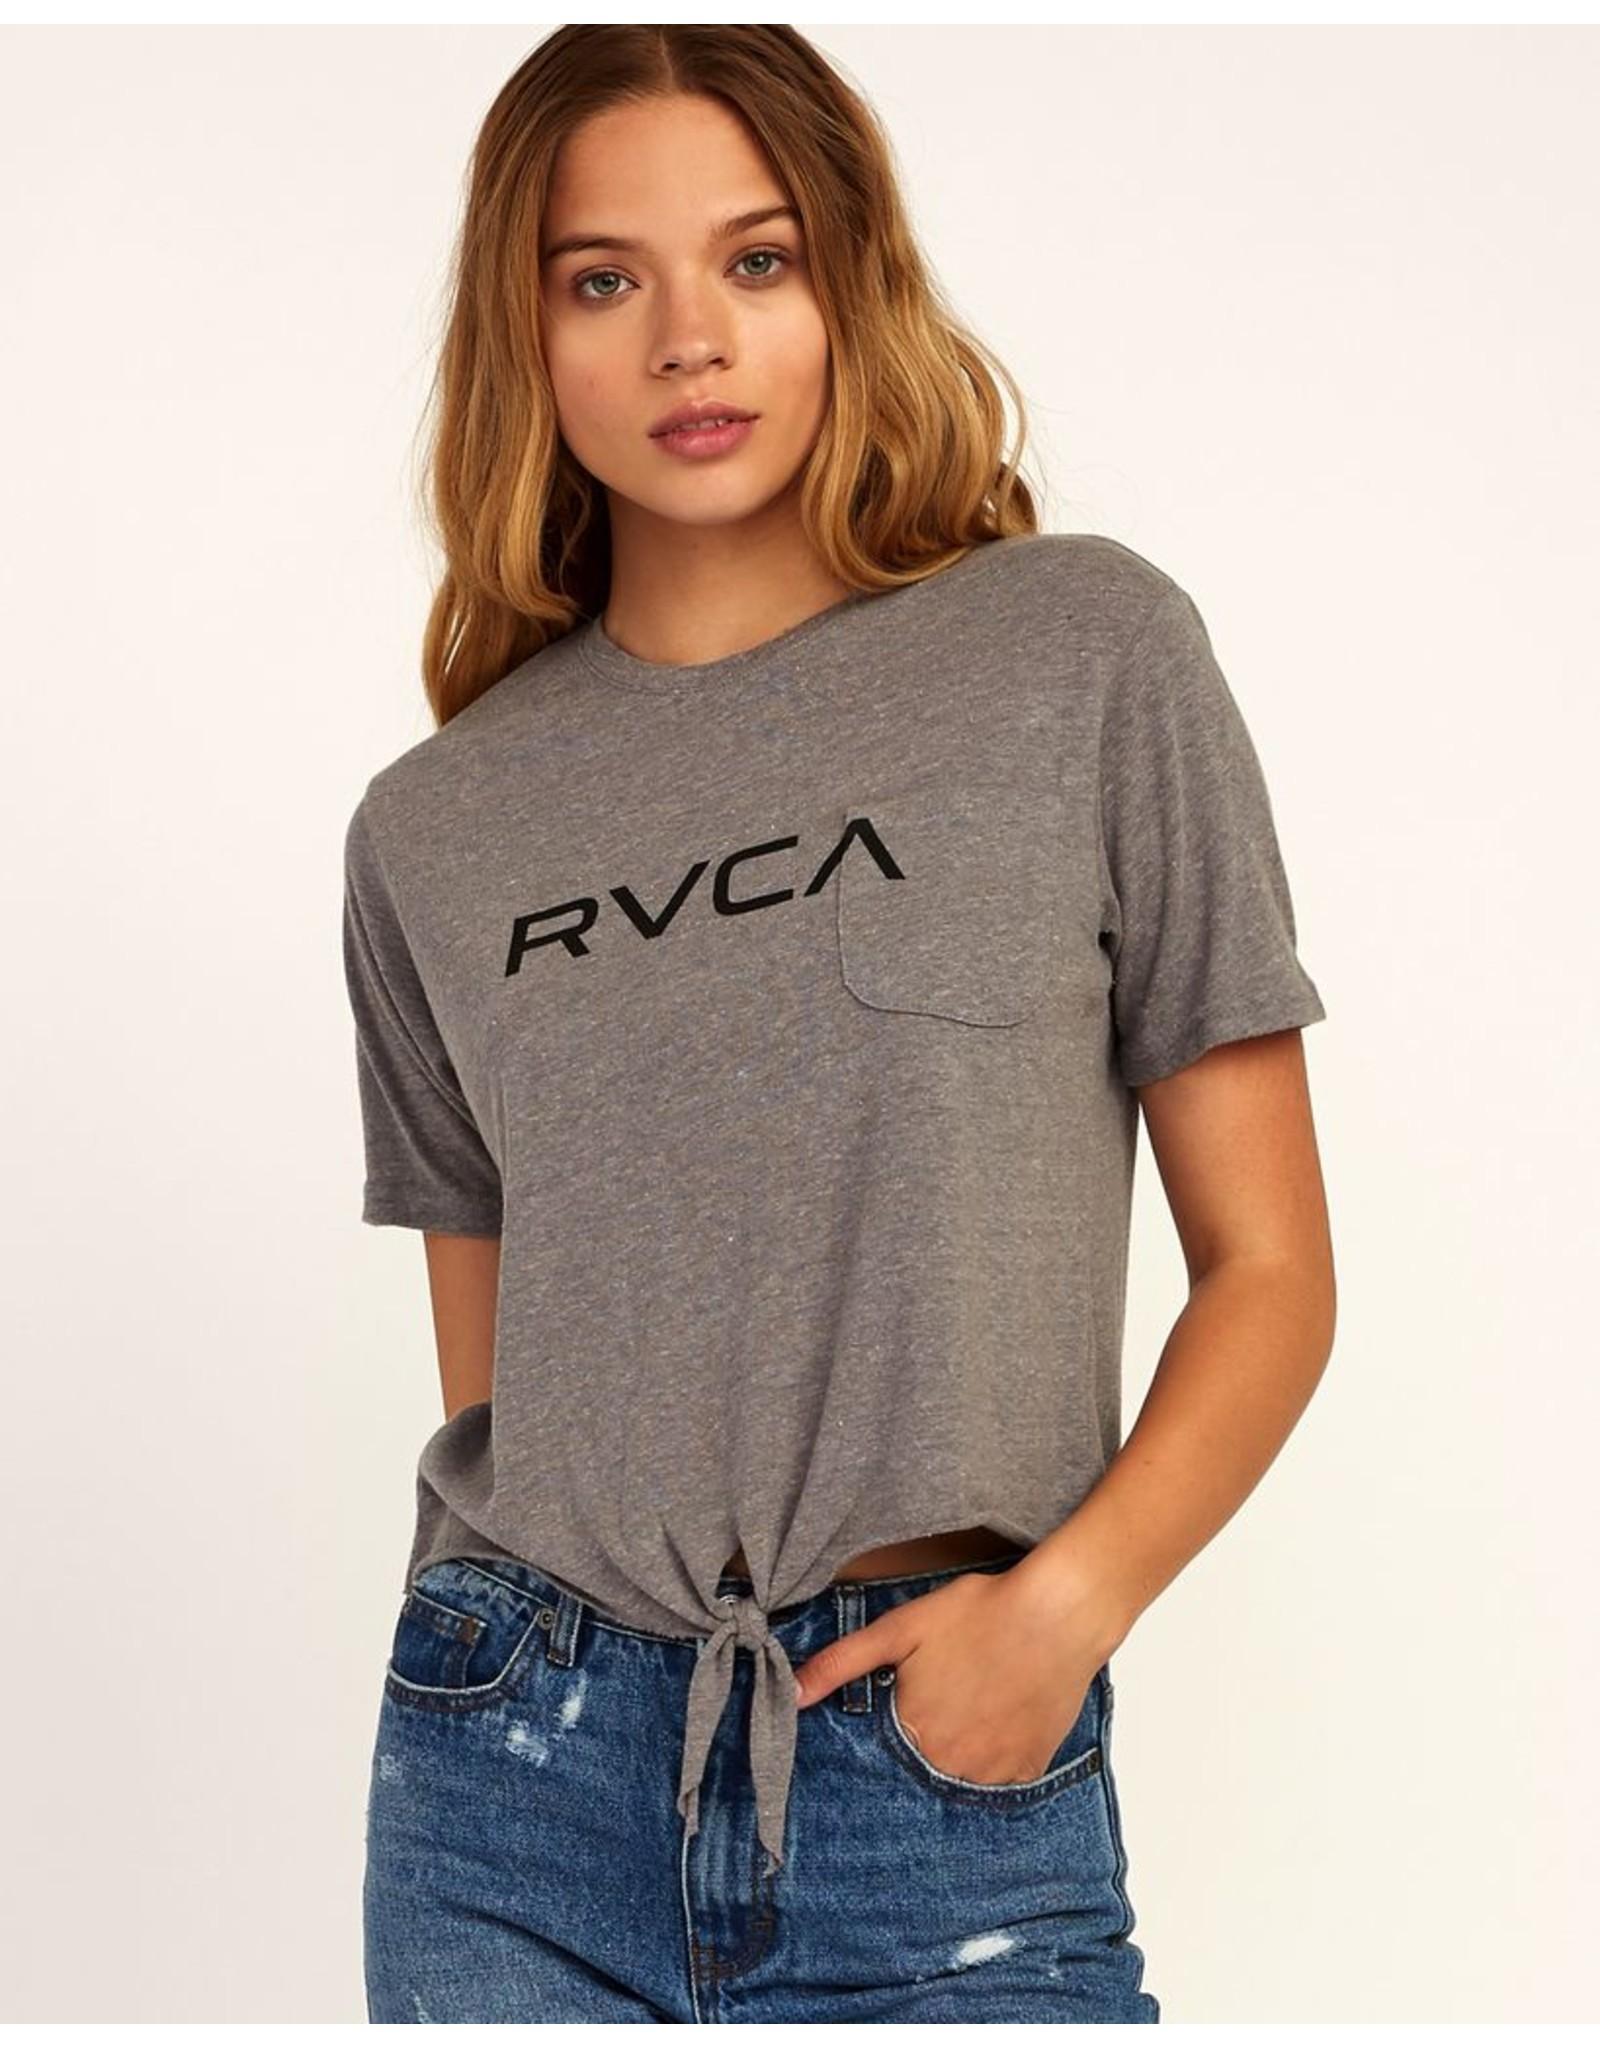 RVCA BIG RVCA KNOTTED T-SHIRT